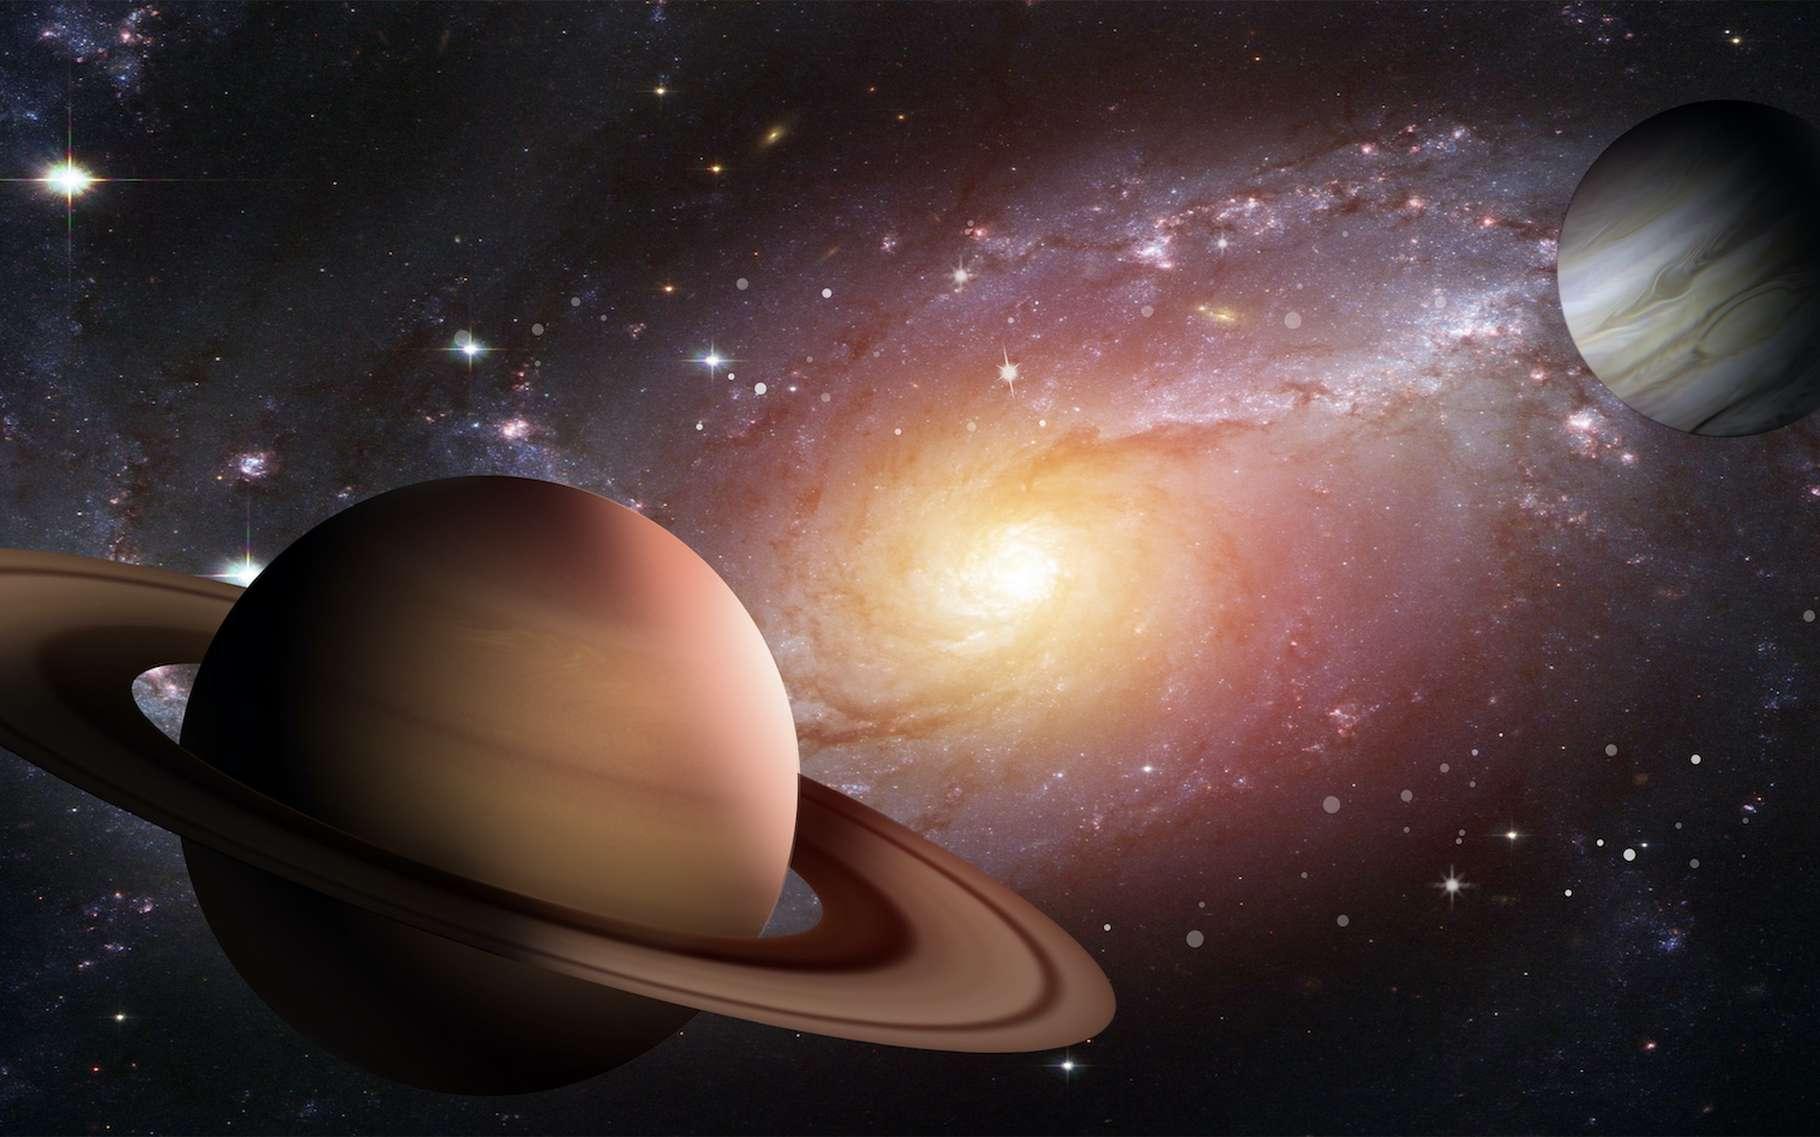 L'architecture de notre Système solaire semblait moins inhabituelle dans son enfance. Les positions de Jupiter et de Saturne étaient plus conformes à ce que les astronomes observent ailleurs dans la Voie lactée. © RizalgyMusa, Adobe Stock